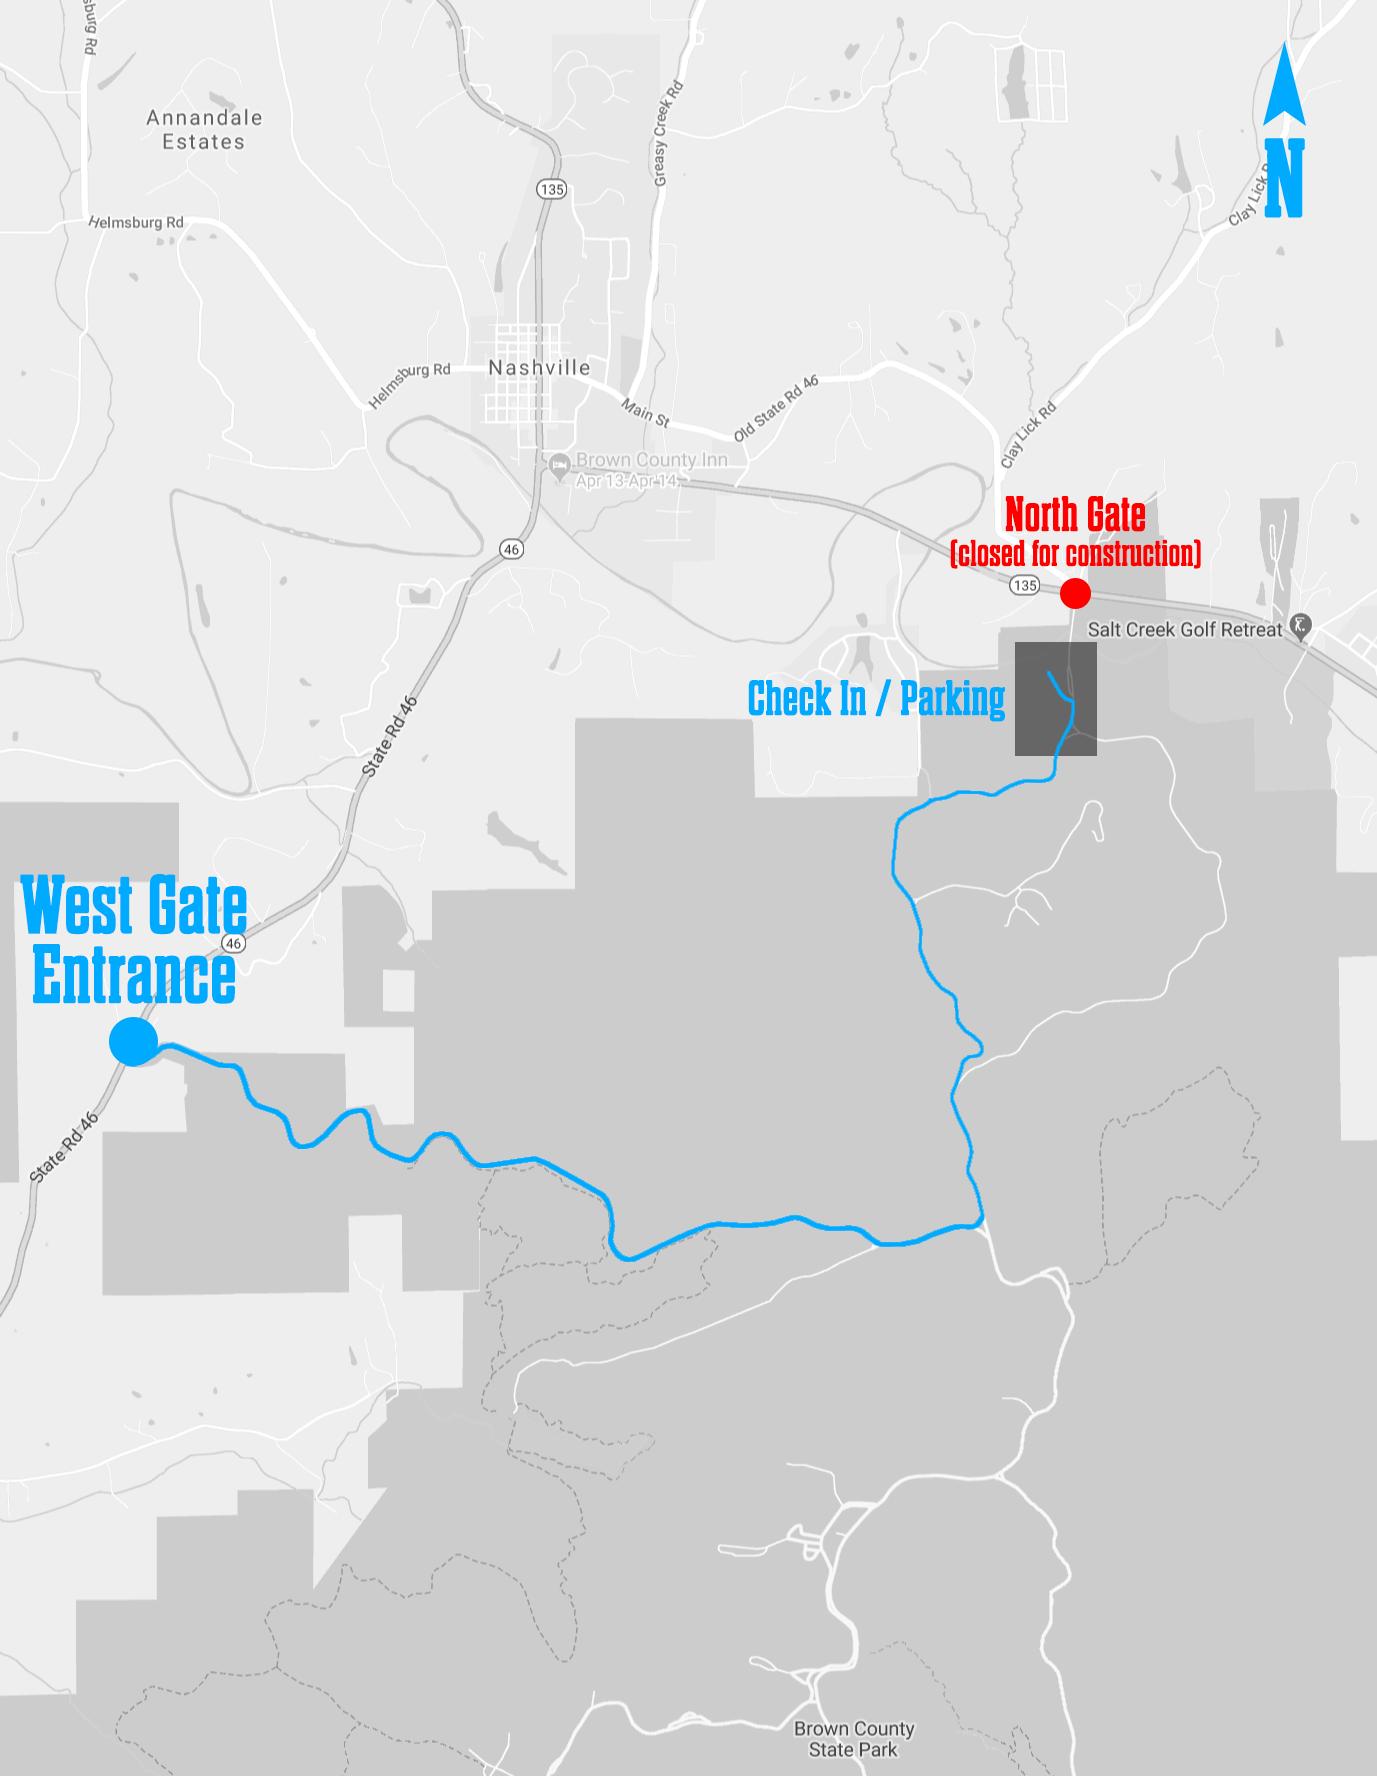 Park entrance map